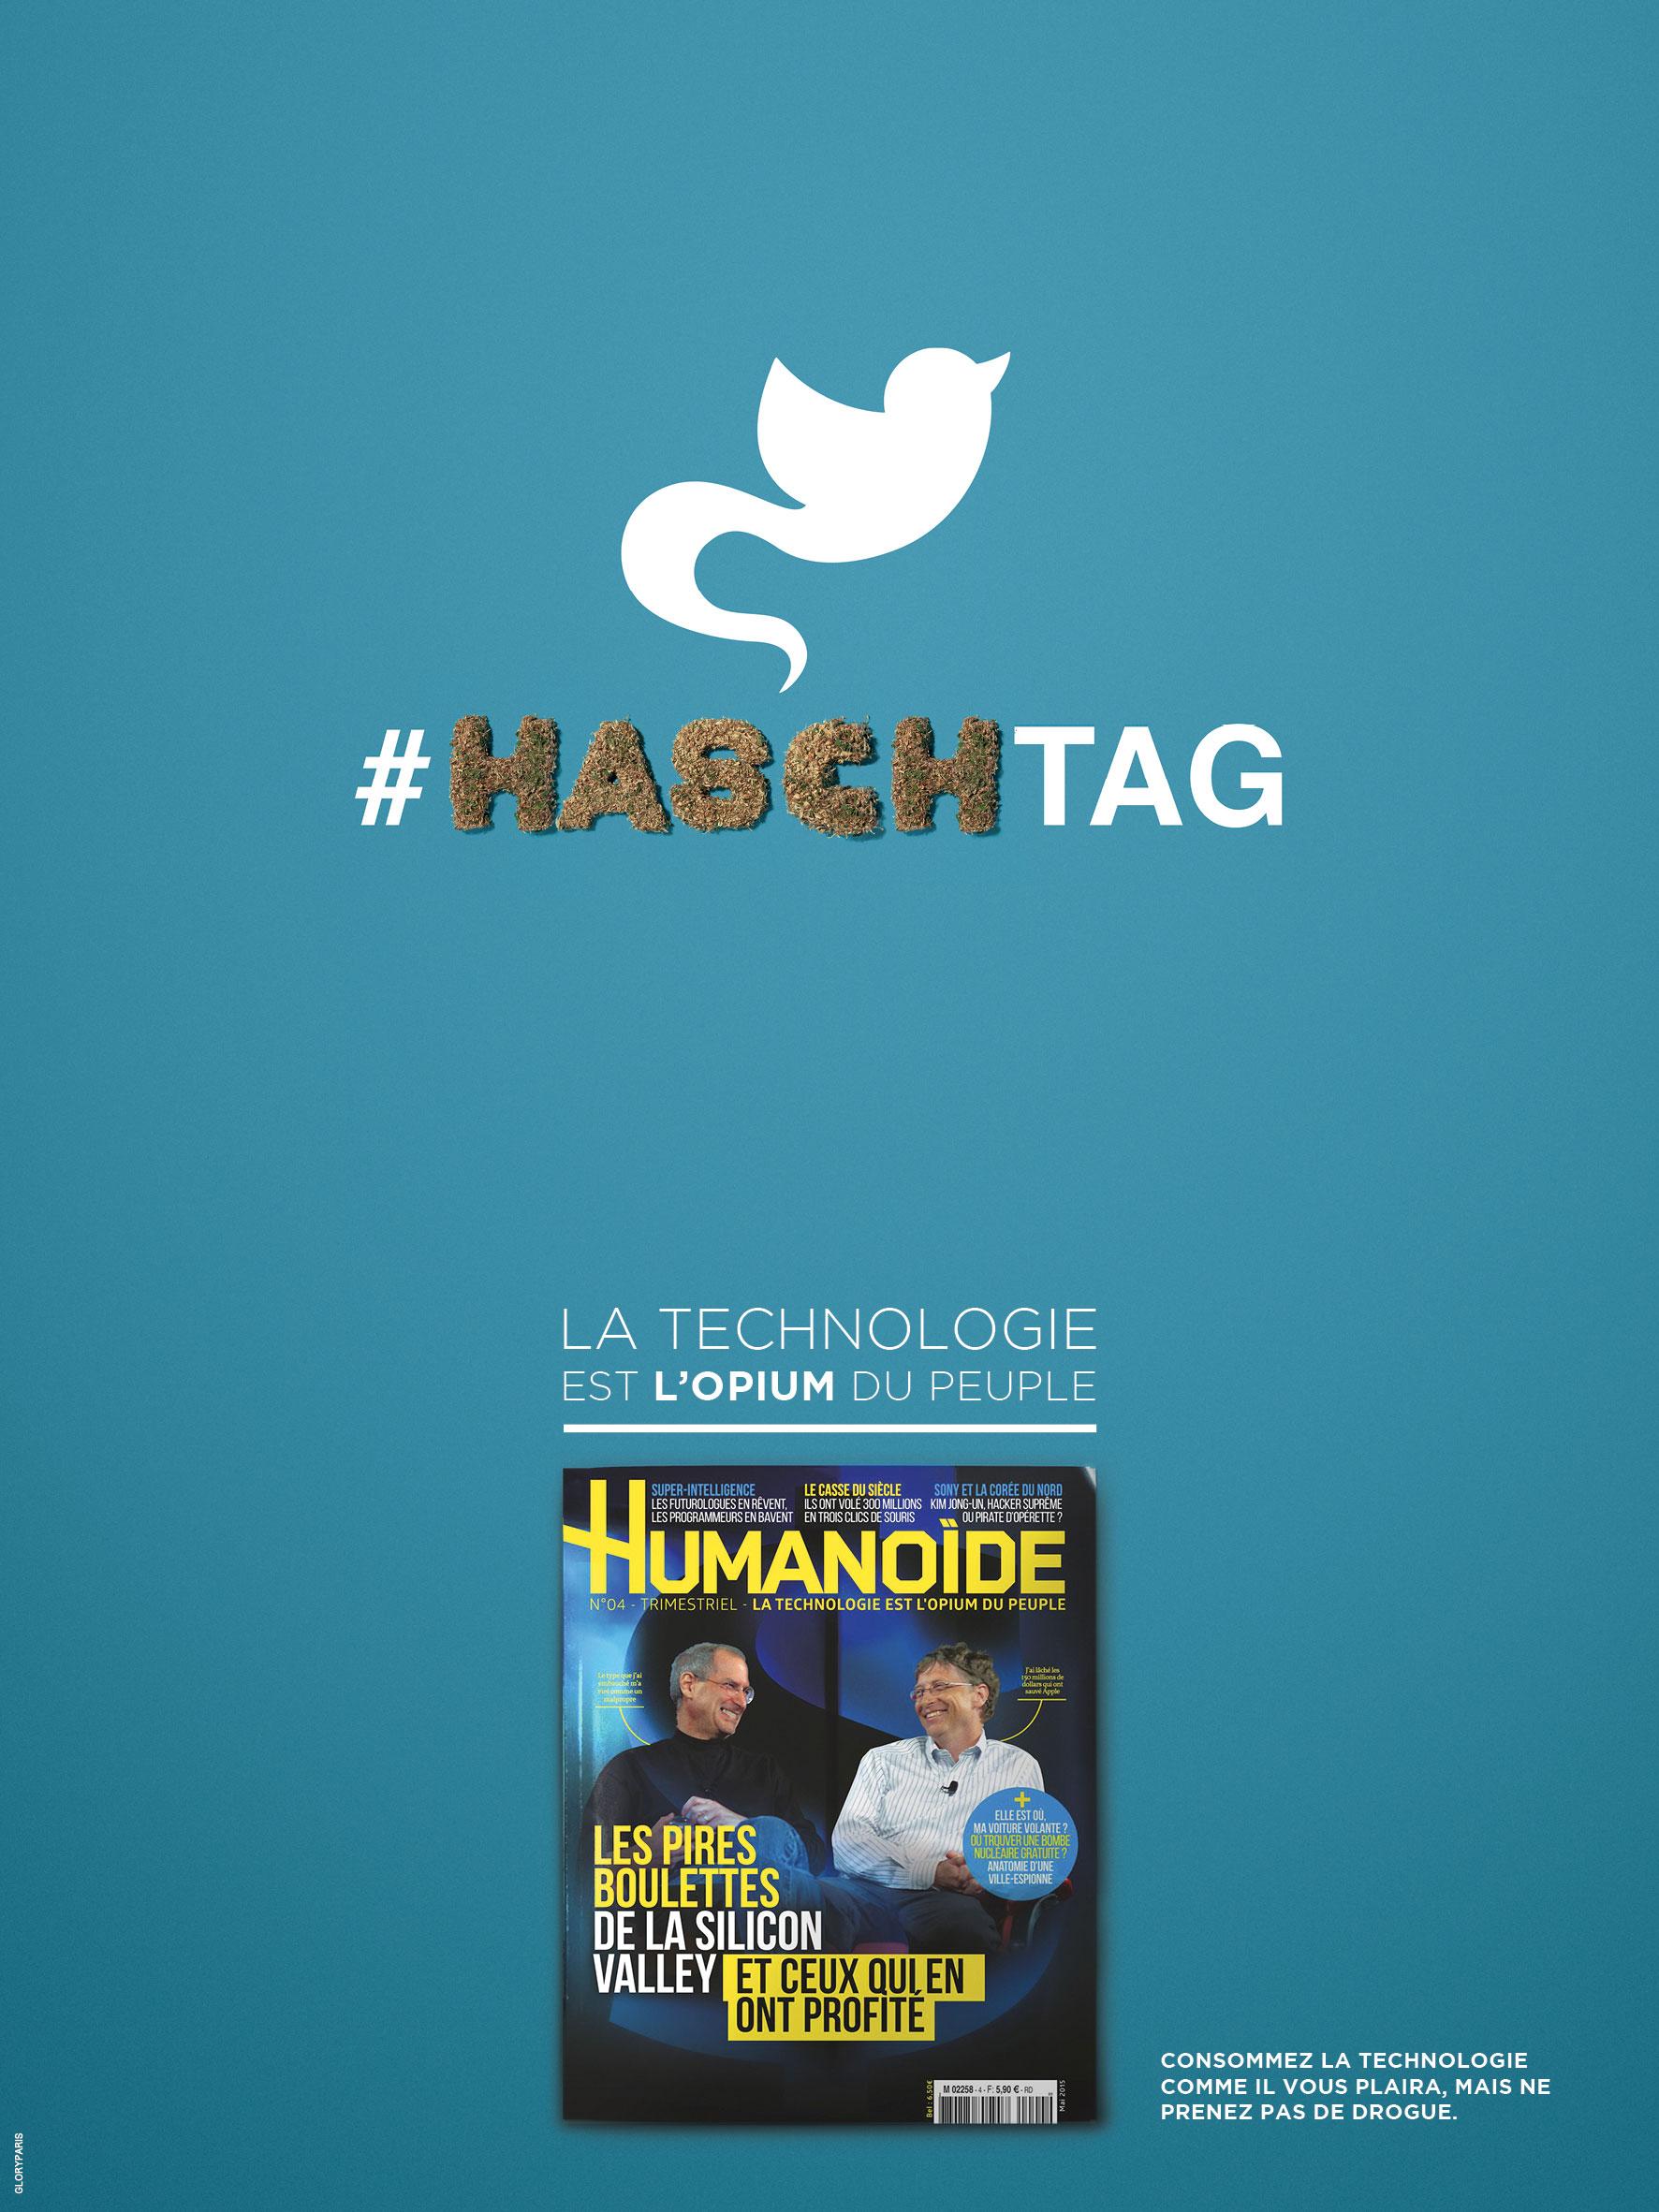 dans-ta-pub-humanoide-print-publicité-affiche-technologie-web-drogue-addiction-digital-4